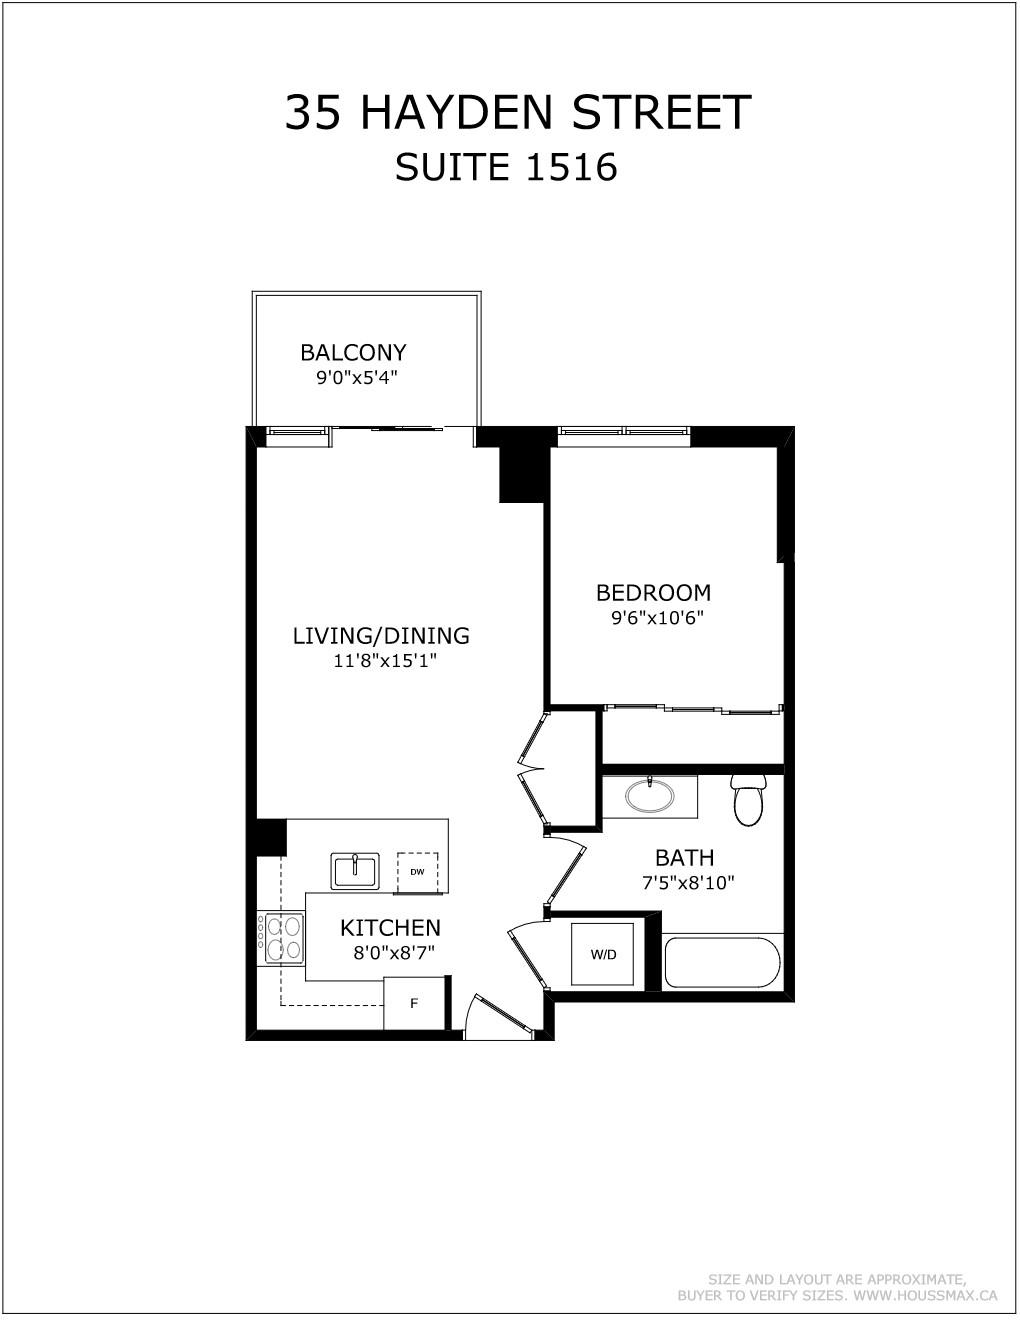 Floor plans for 35 Hayden St Unit 1516.